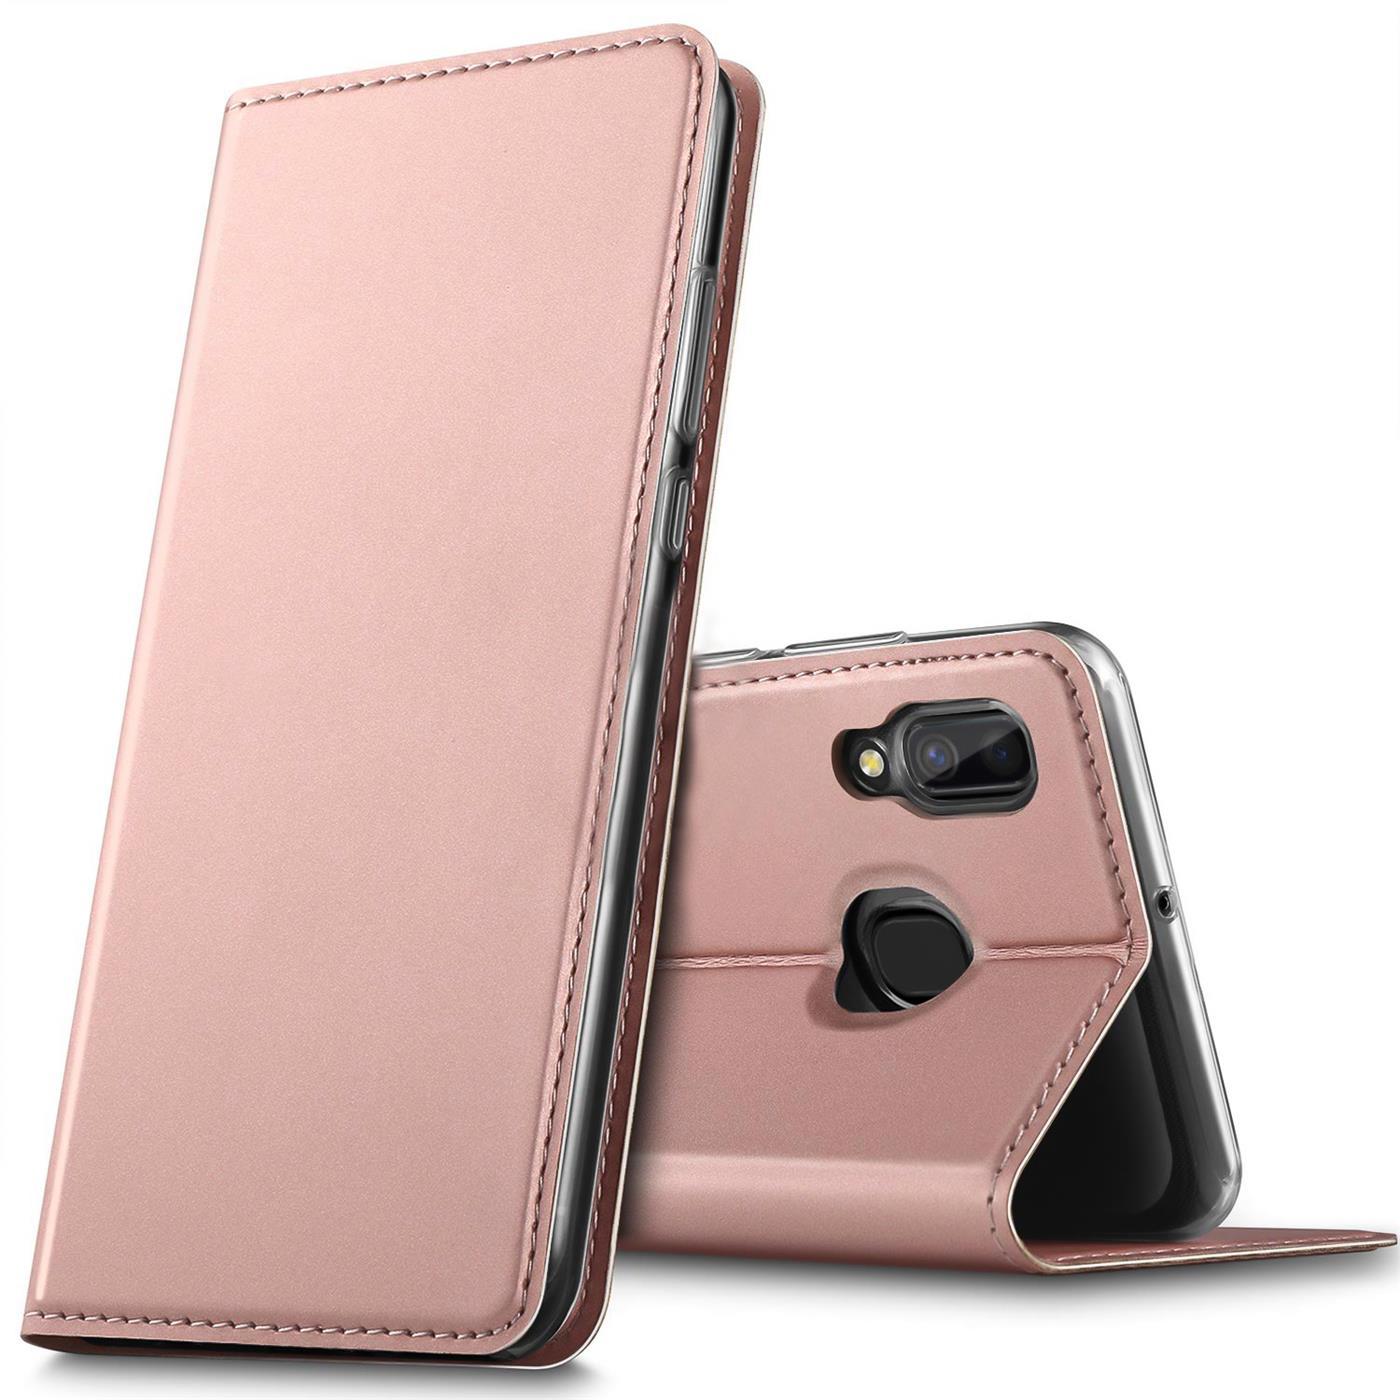 Samsung-Galaxy-A40-Handy-Klapp-Schutz-Huelle-Tasche-Flip-Case-Etui-Schutzhuelle Indexbild 16